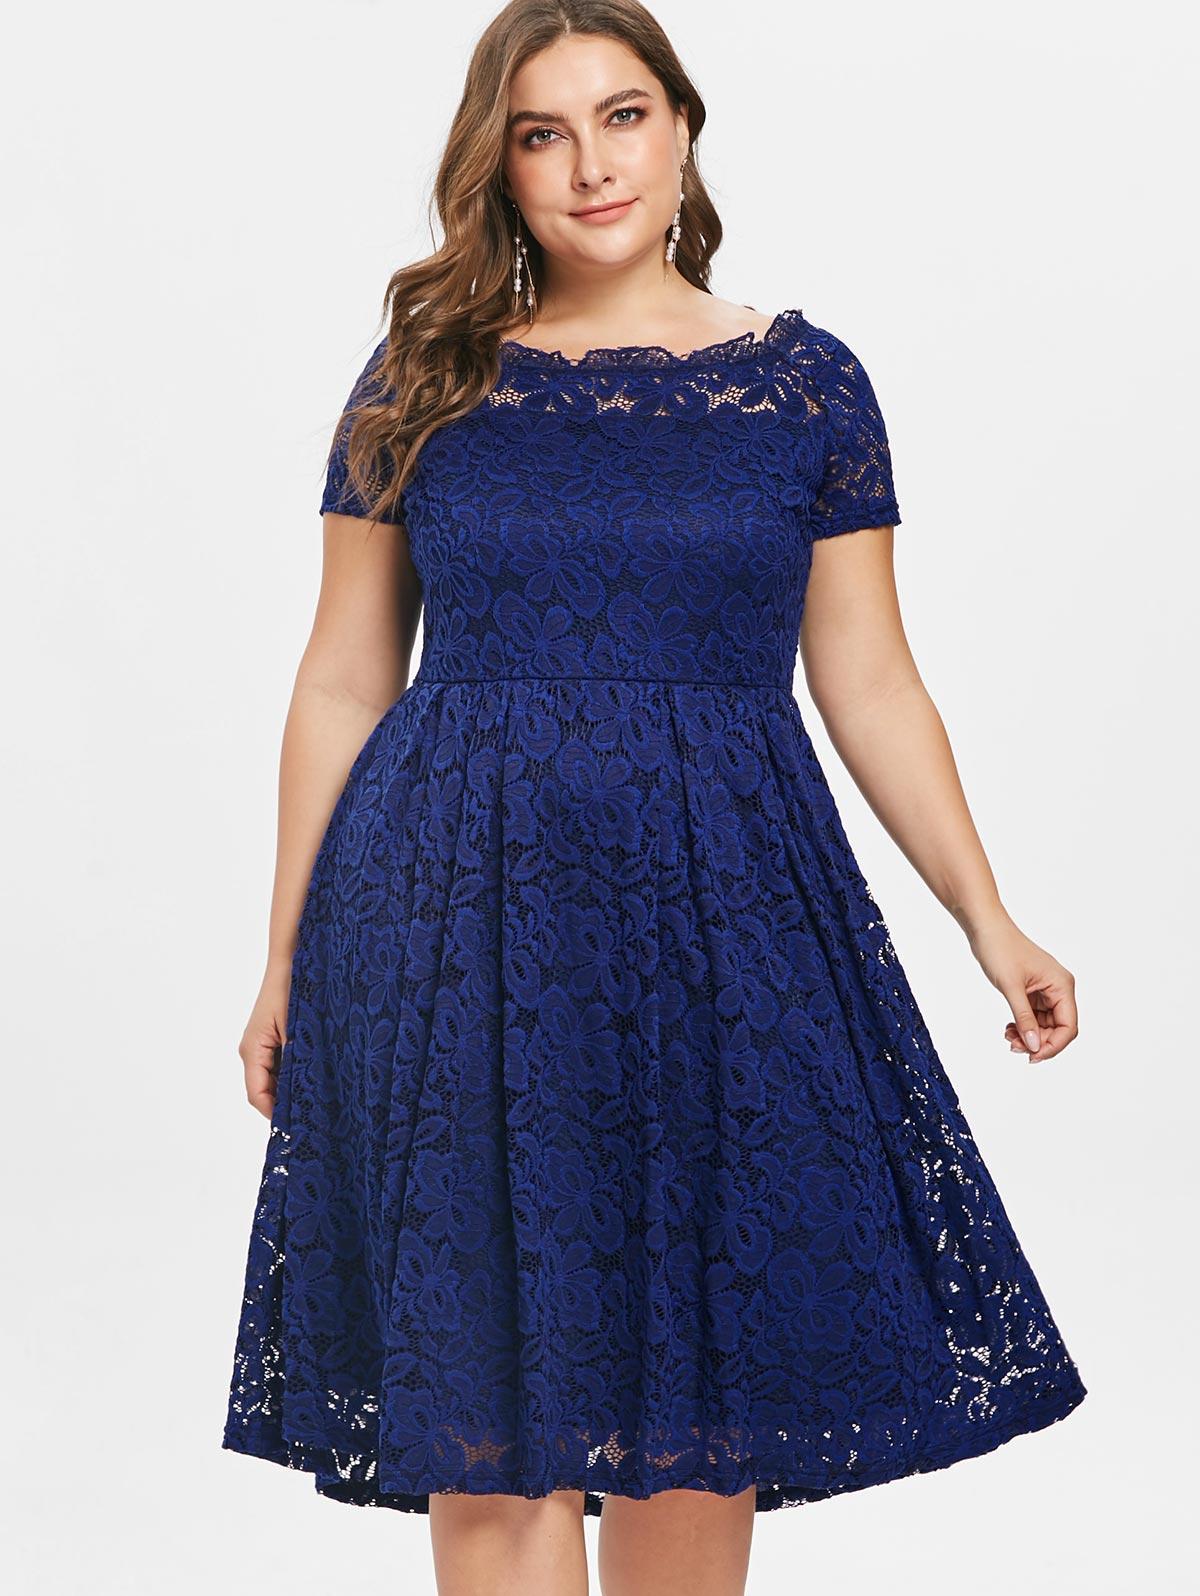 7b83463679 Wipalo Plus Size Lace Panel Off Shoulder A Line Dress Autumn Women Vintage  Elegant Solid Blue Party Dress Femme Vestidos 5XL